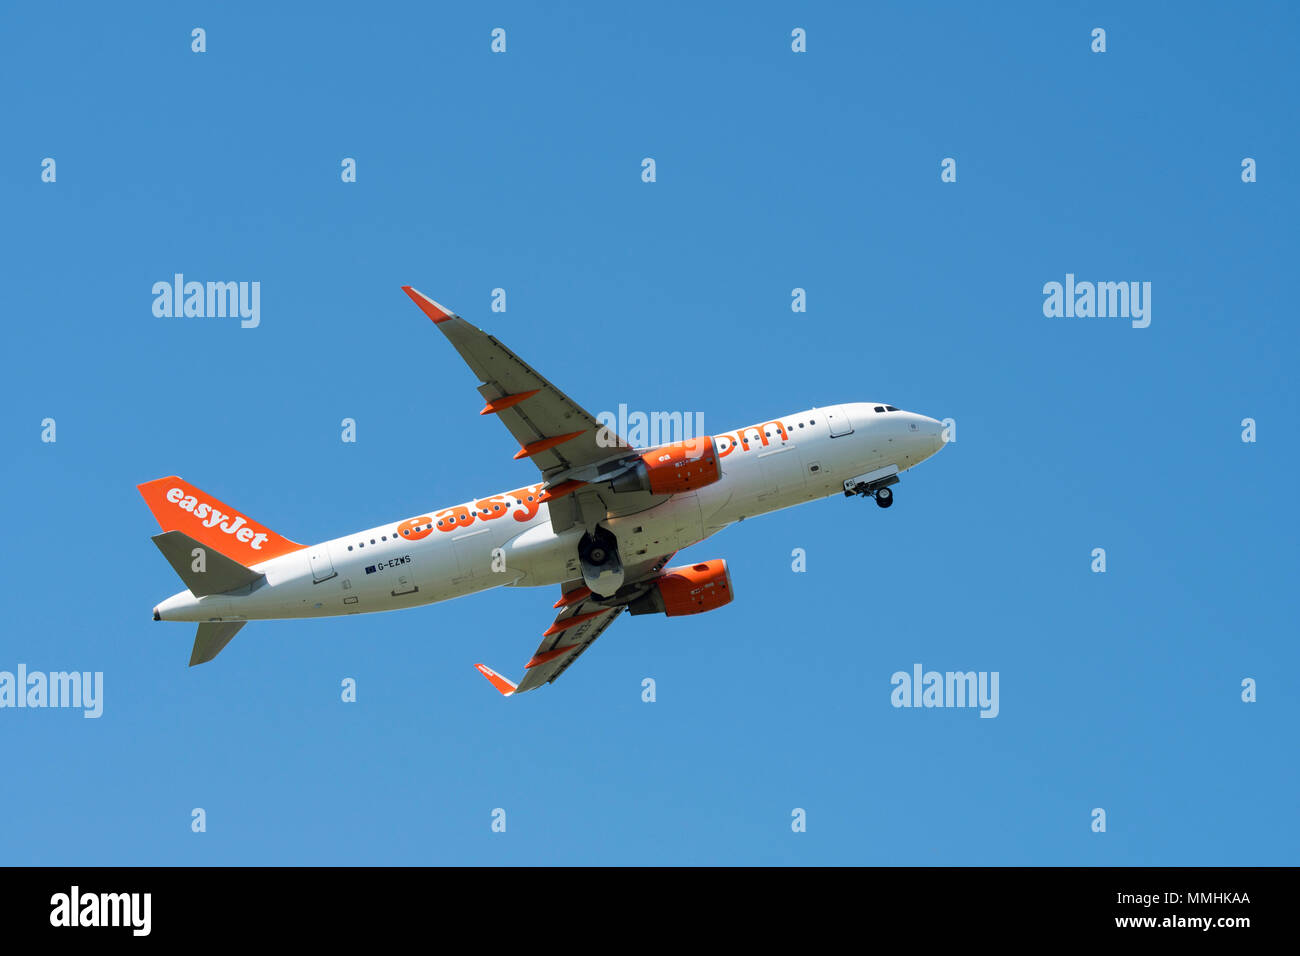 Airbus A320-214 WL, comercial bimotor de pasajeros jet airliner de británico de bajo coste EasyJet en vuelo contra el cielo azul Foto de stock